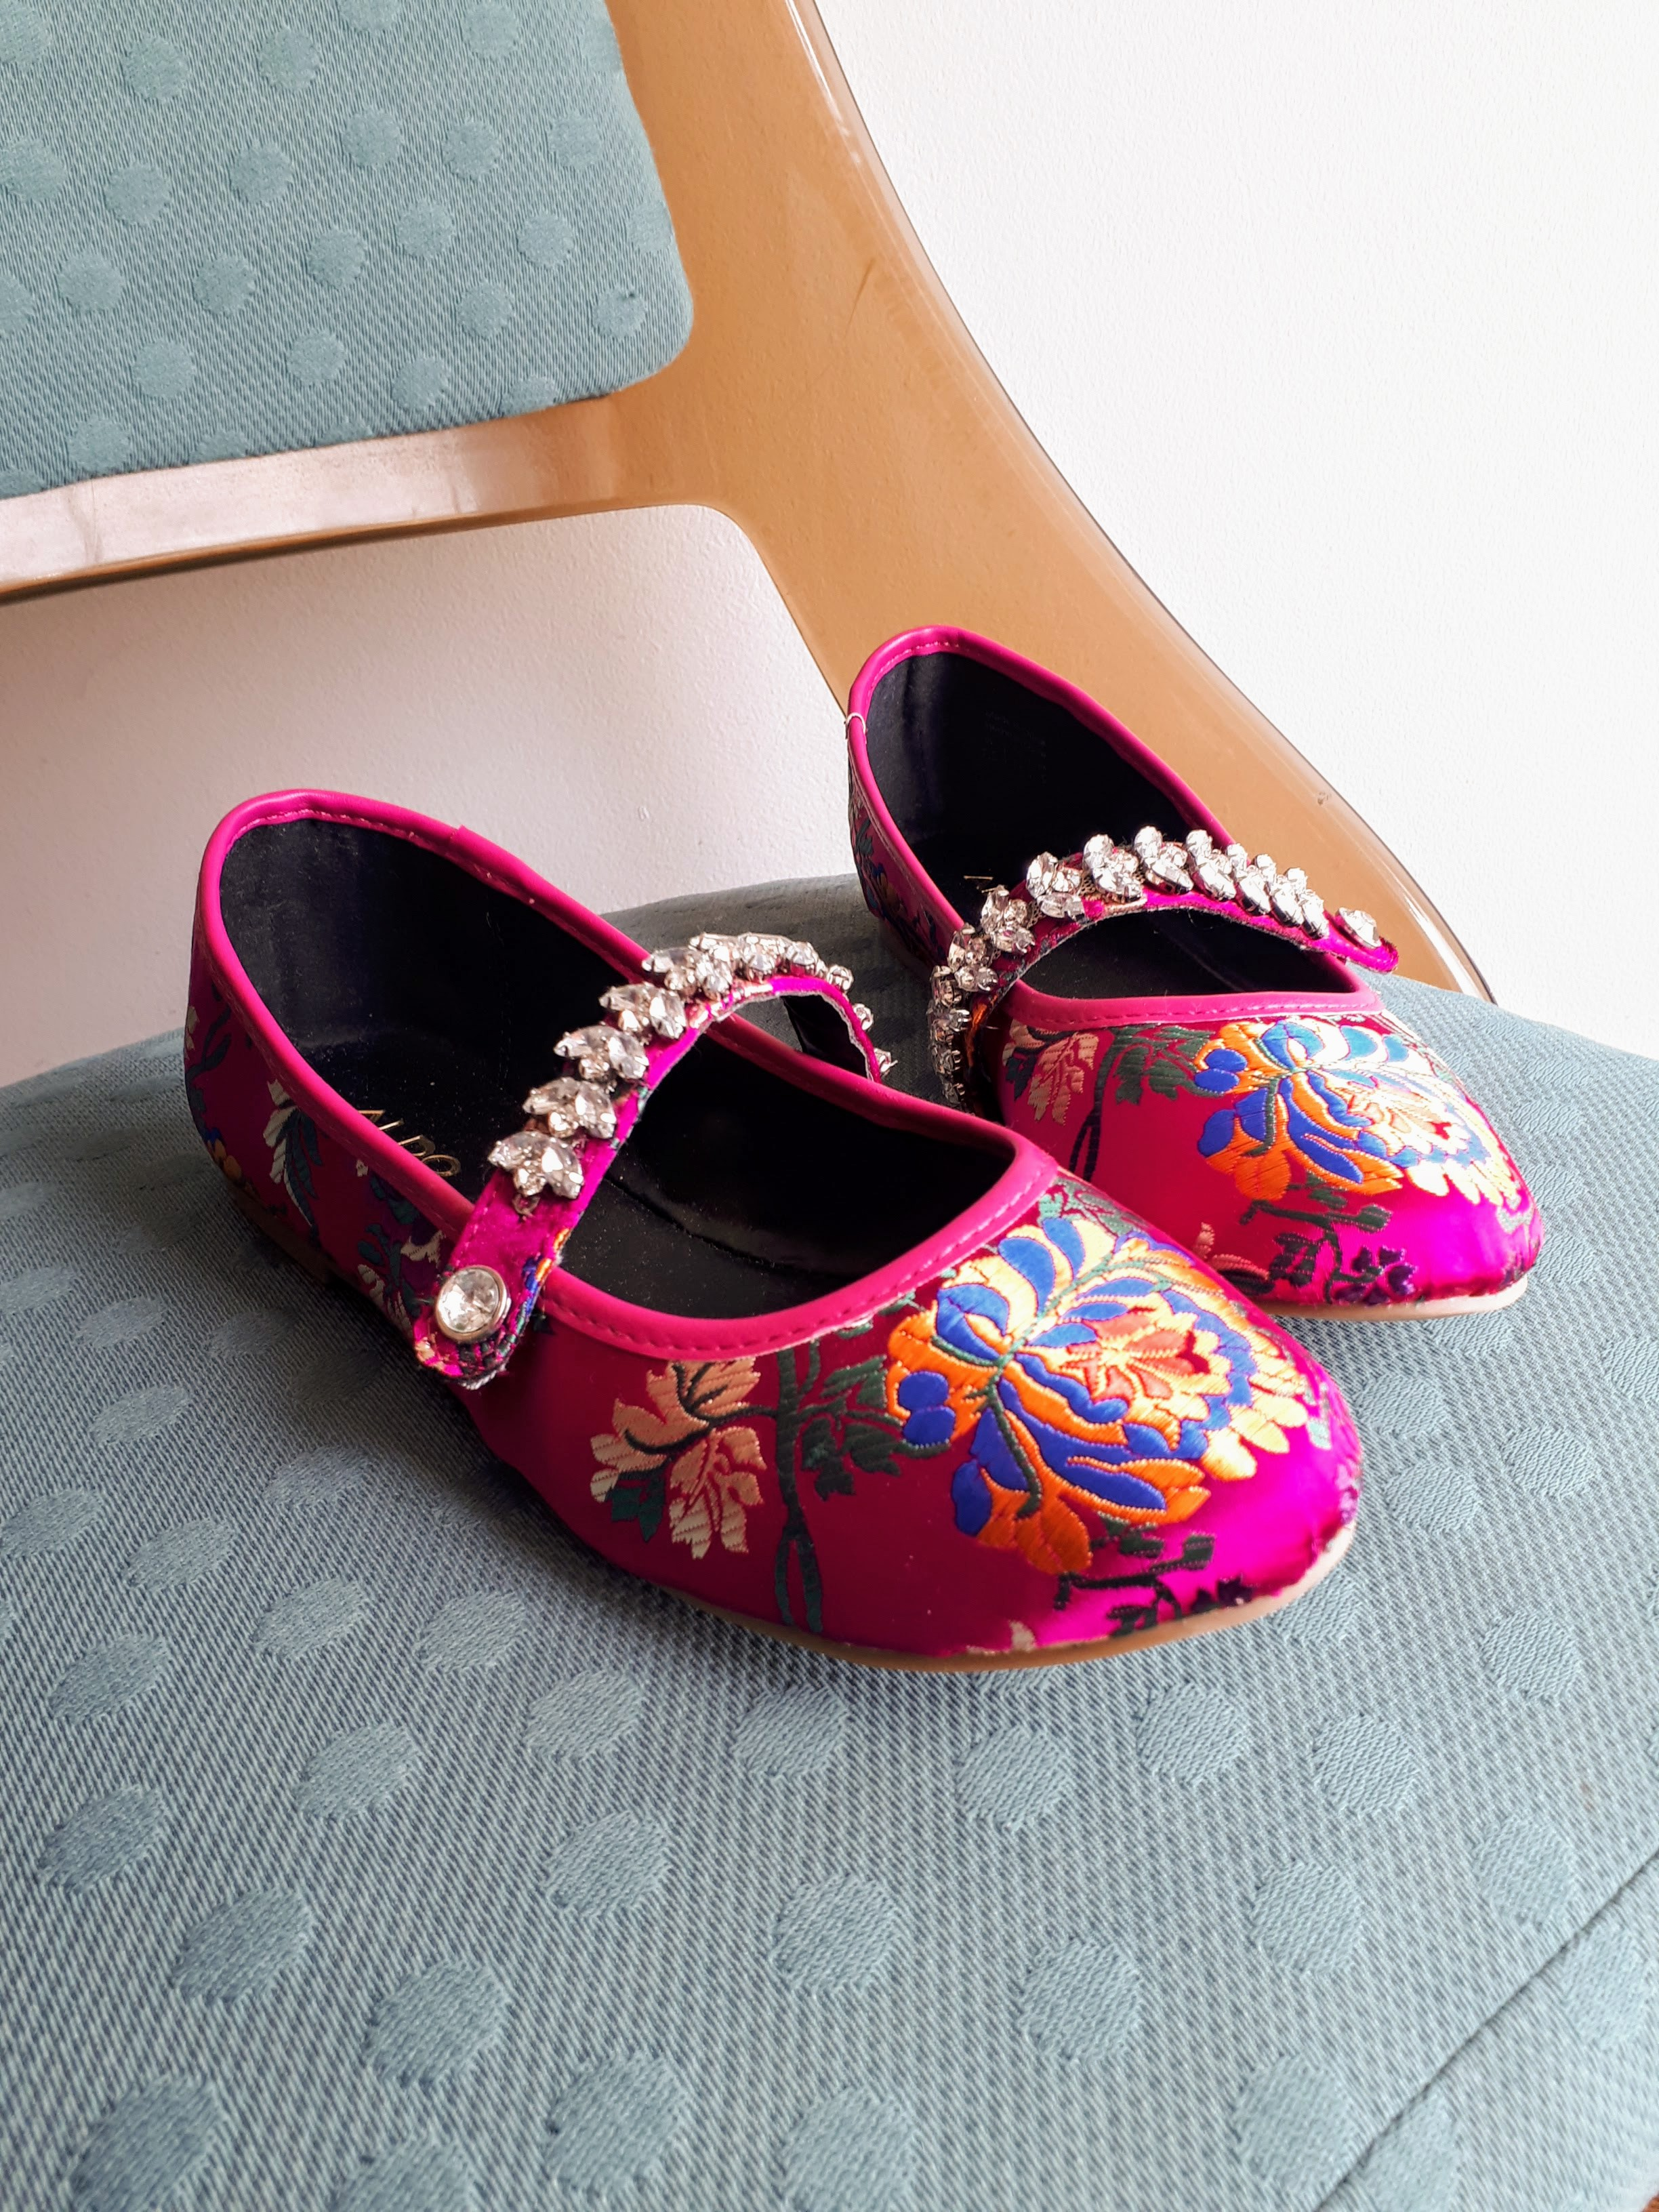 Aldo shoes; S7.5, $34